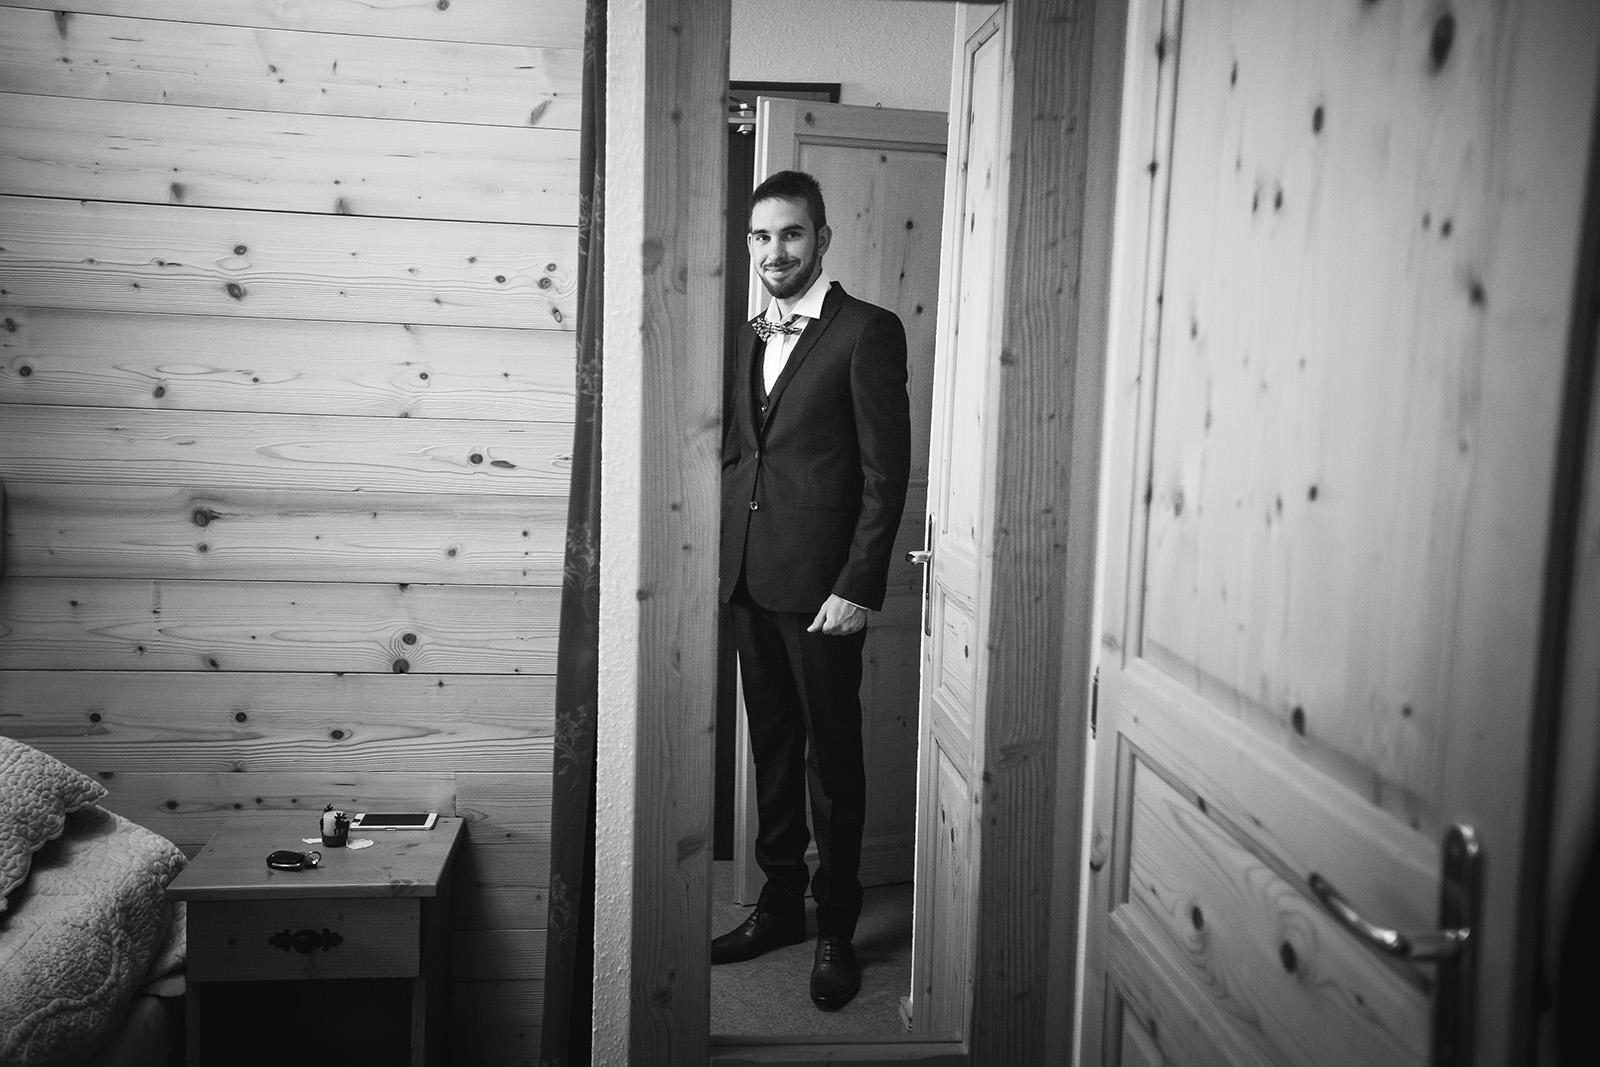 mariage-reportage-preparatifs-couple-amour-amoureux-wedding-photographe-elise-julliard-lyon-auvergne-rhone-alpes-savoie-saint-francois-longchamp-maurienne-7